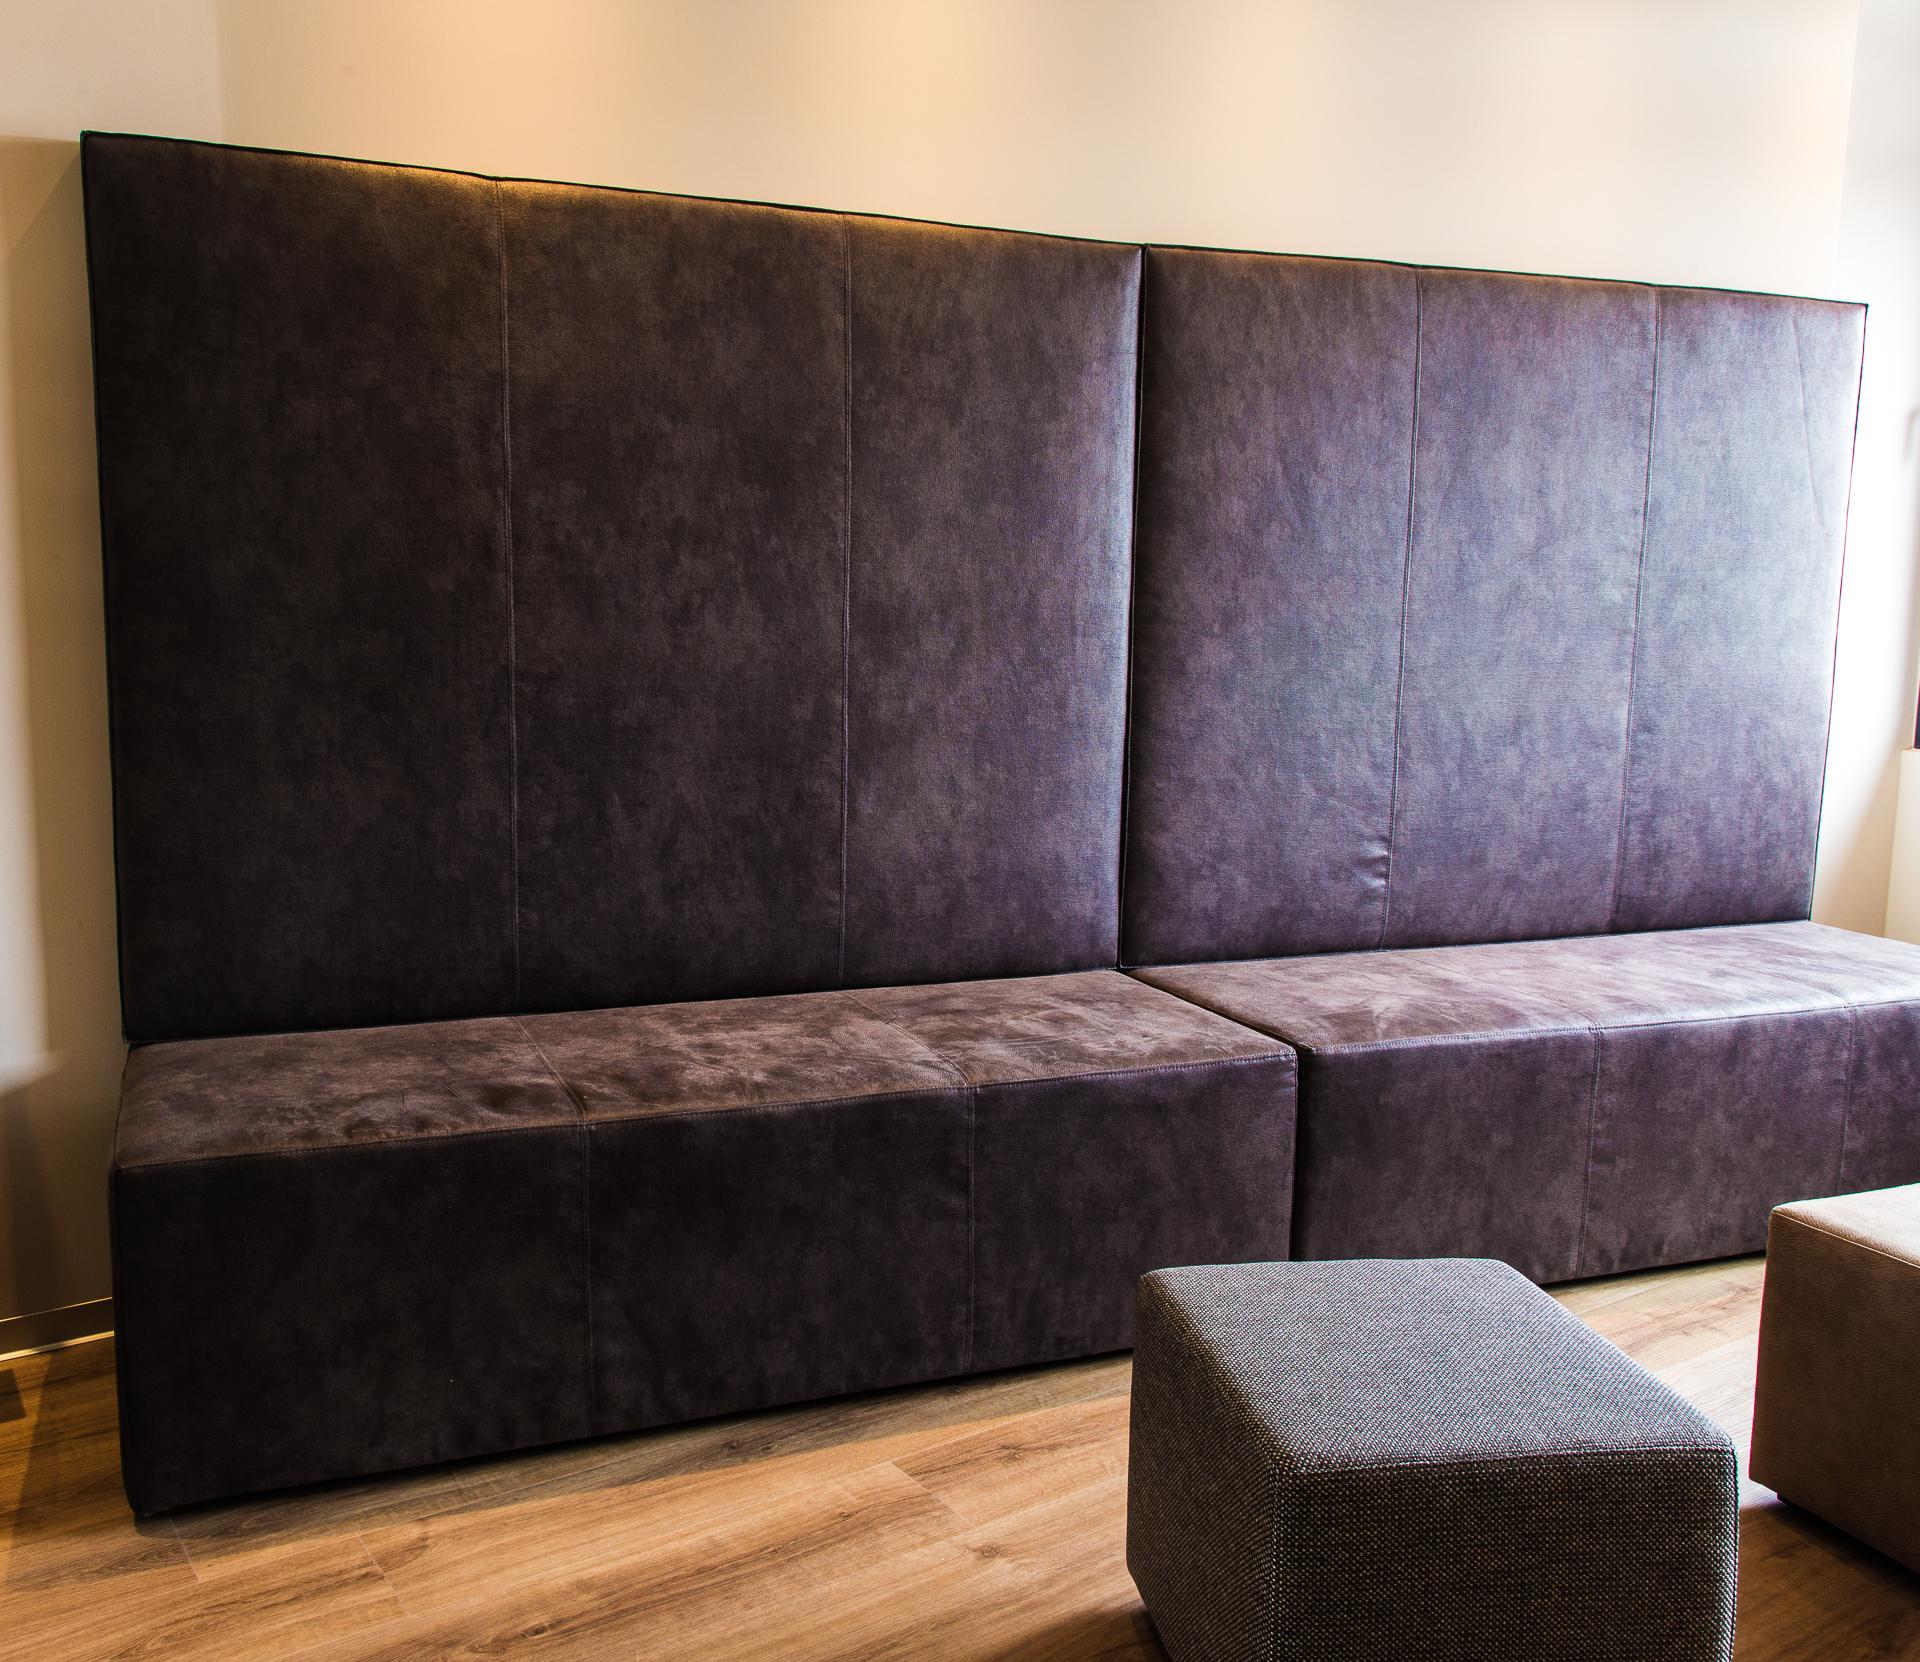 Sitzbank aus Leder im Warteraum - Inneneinrichtung Heidelberg, Mannheim, Stuttgart - Gaffga Interieur Design. Planung und Ausführung - Lichtplanung - Möbel auf Maß. Arztpraxis